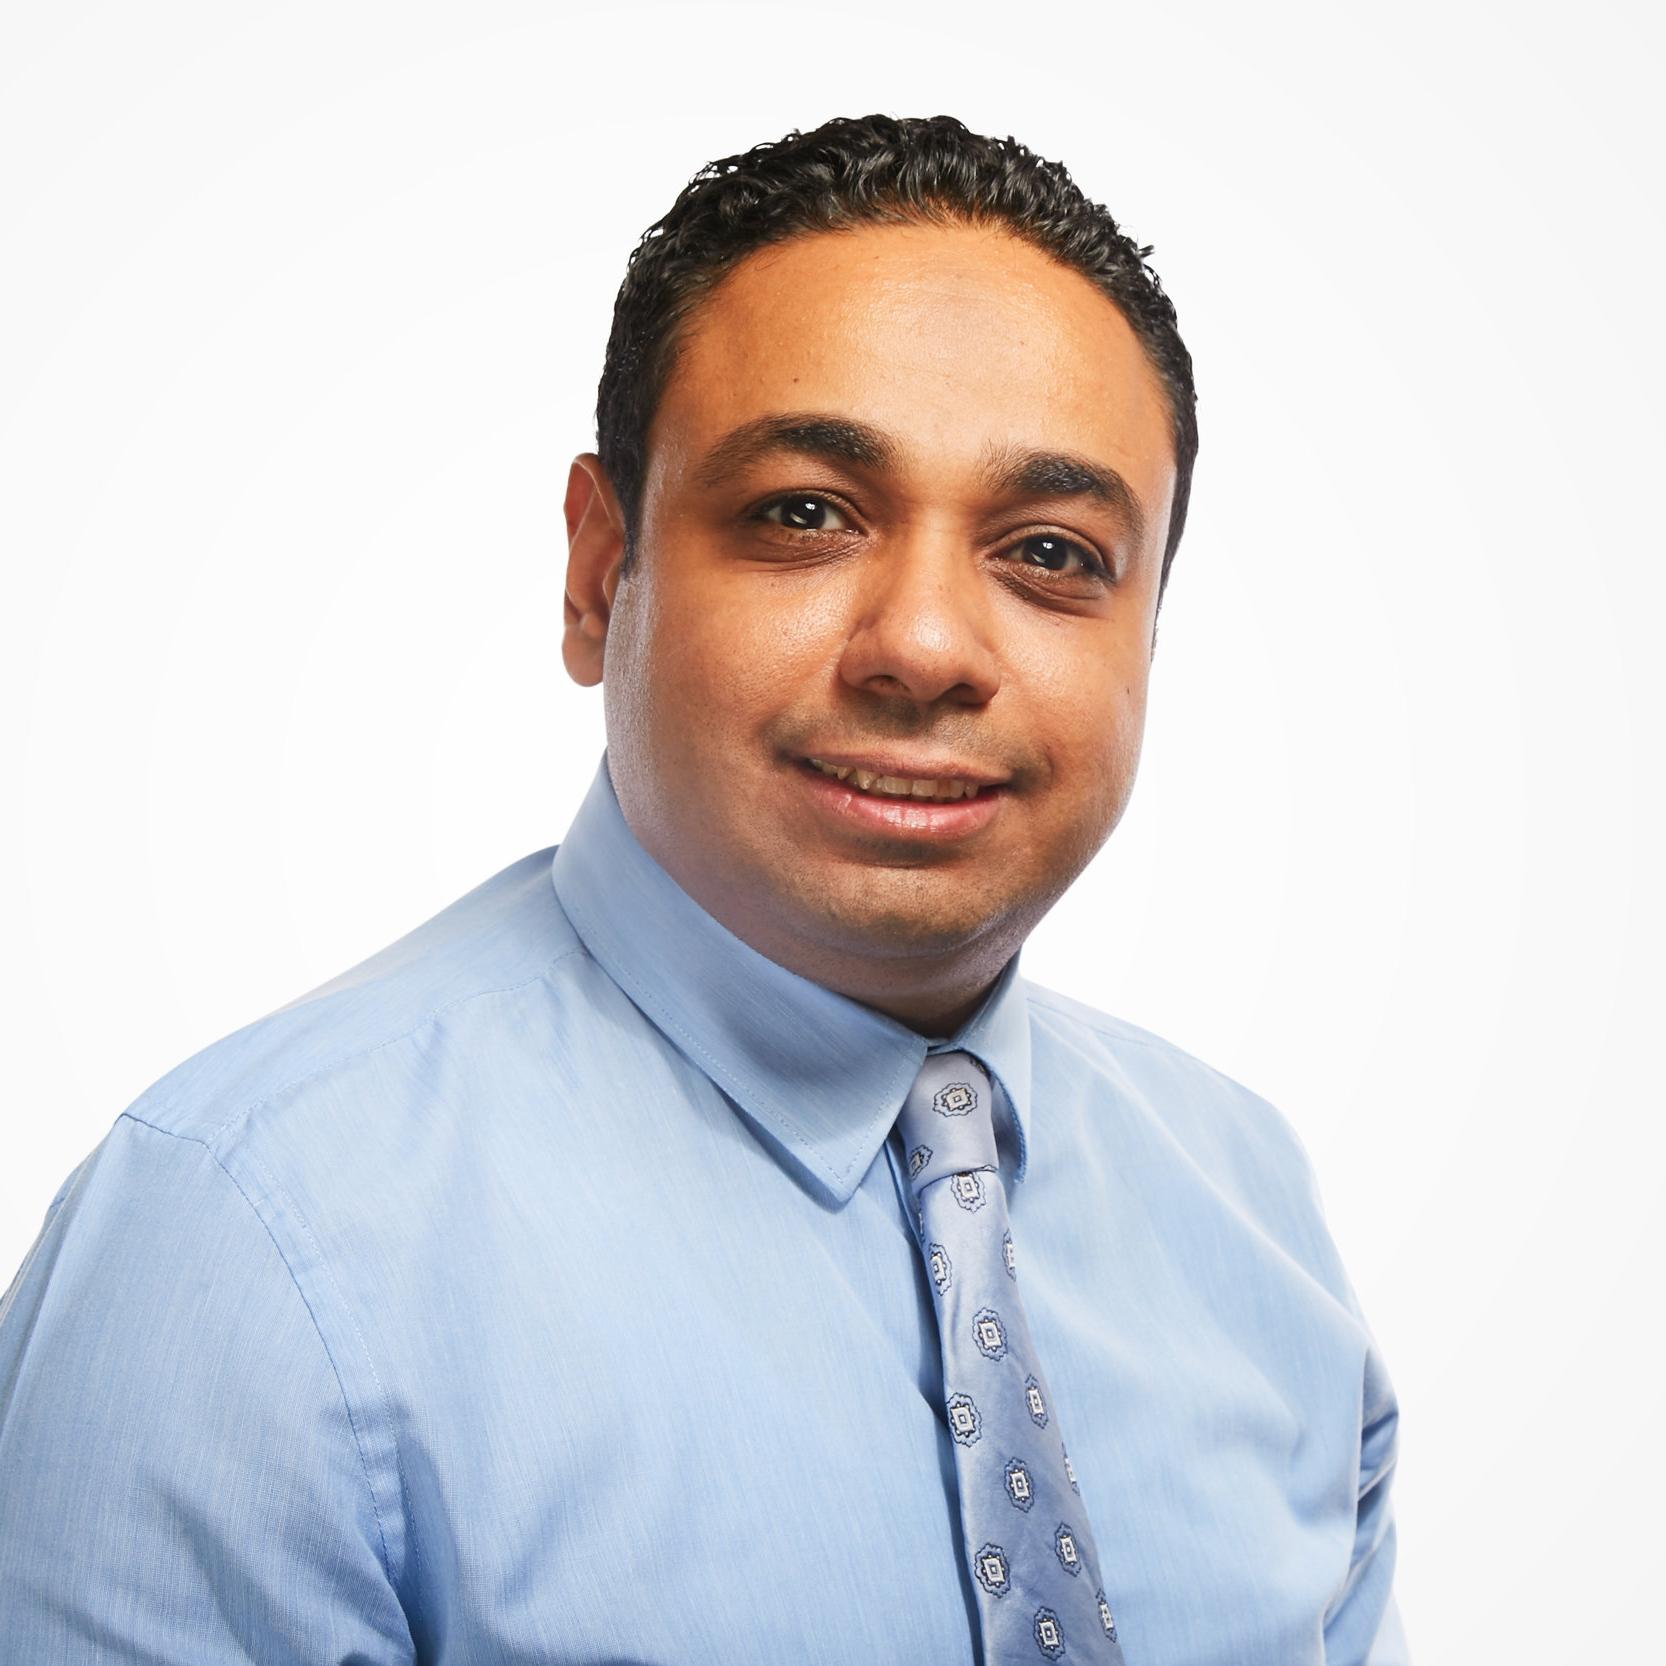 Mr. Ali Ismail